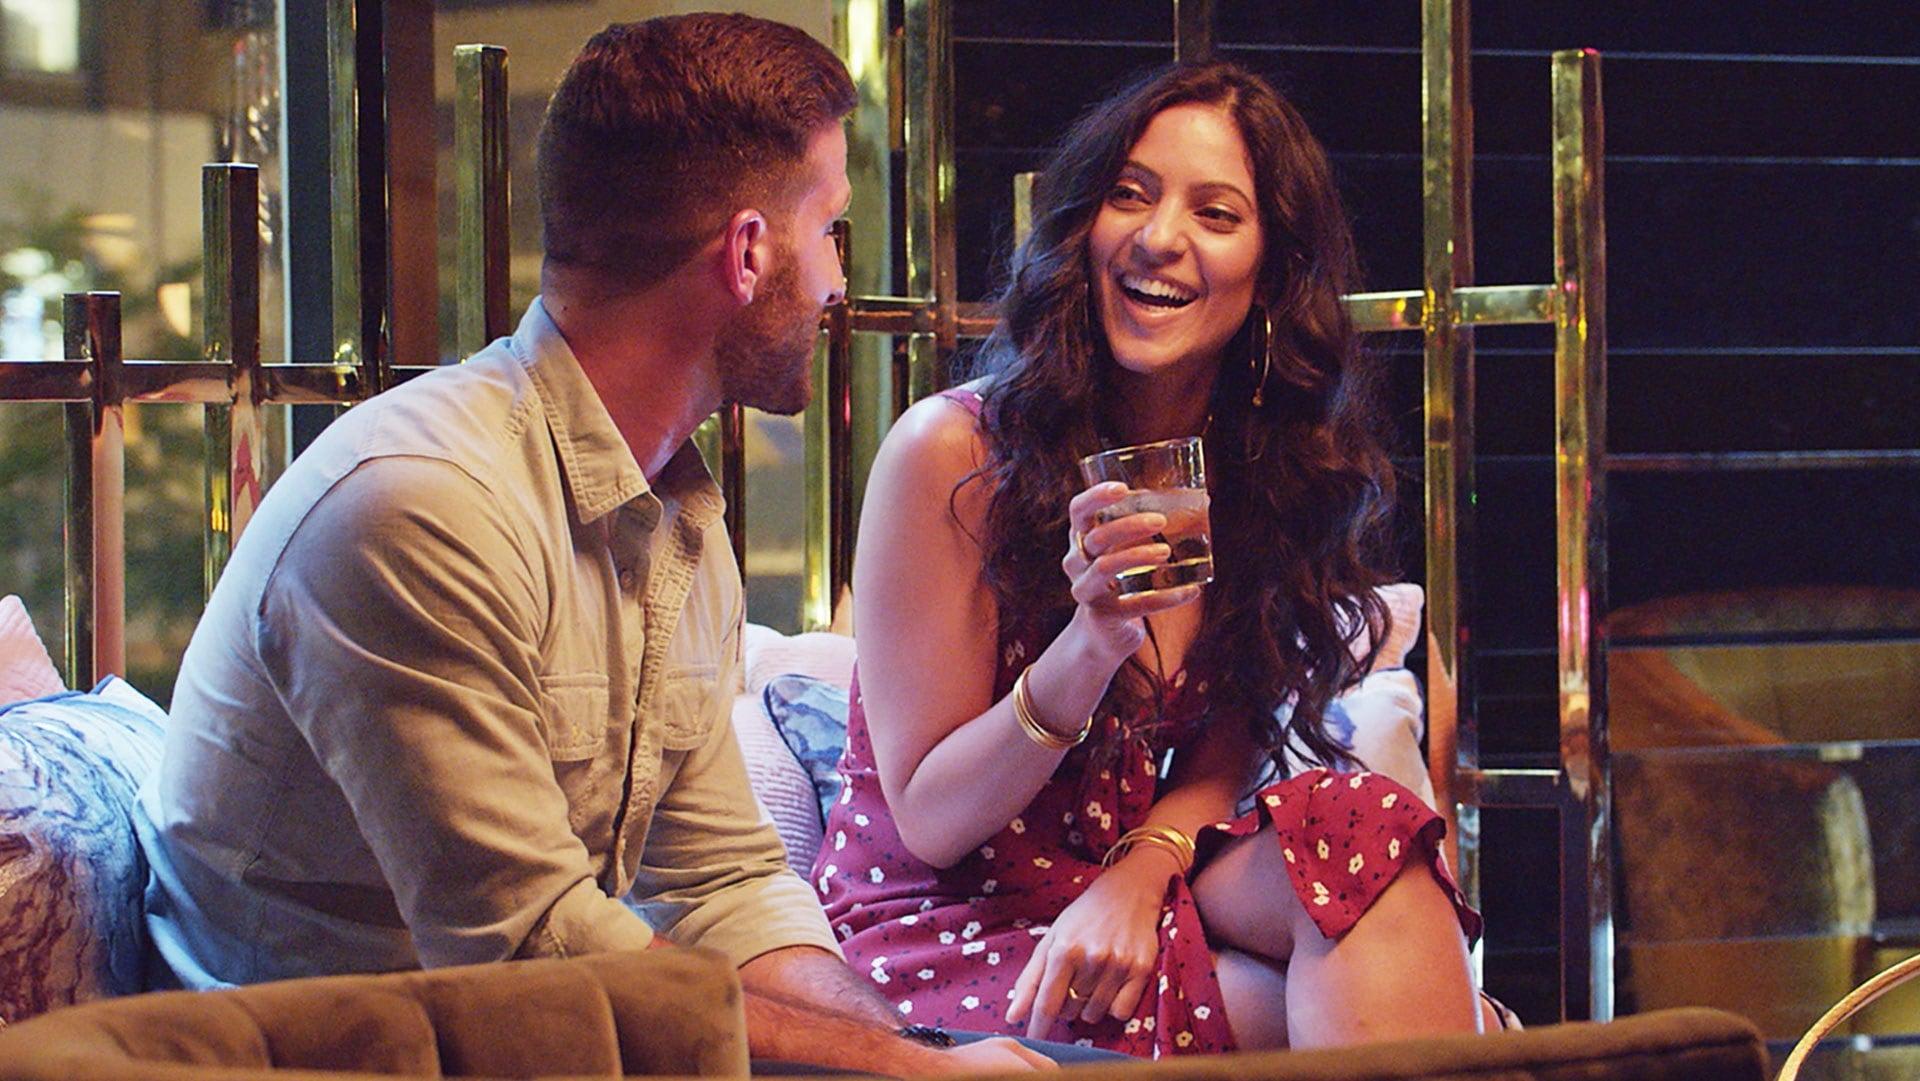 Dating apper i norge blandford jenter dating noen med depresjon bryte opp